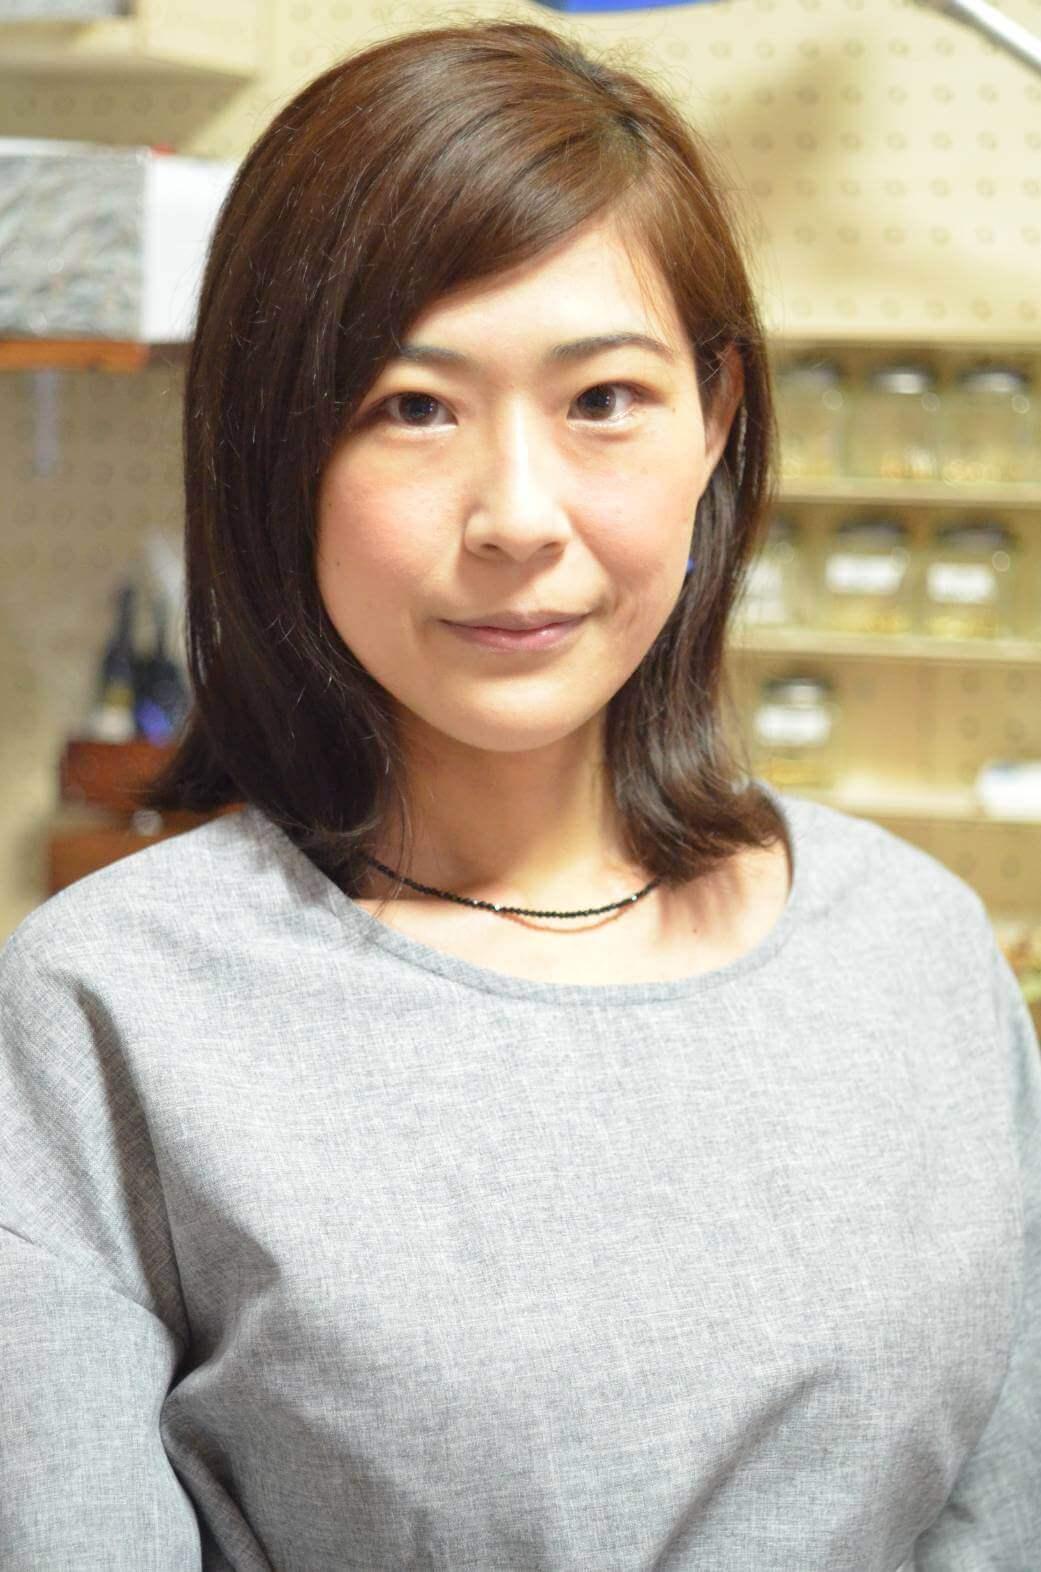 レジンアクセサリー講座卒業高橋 由佳さん